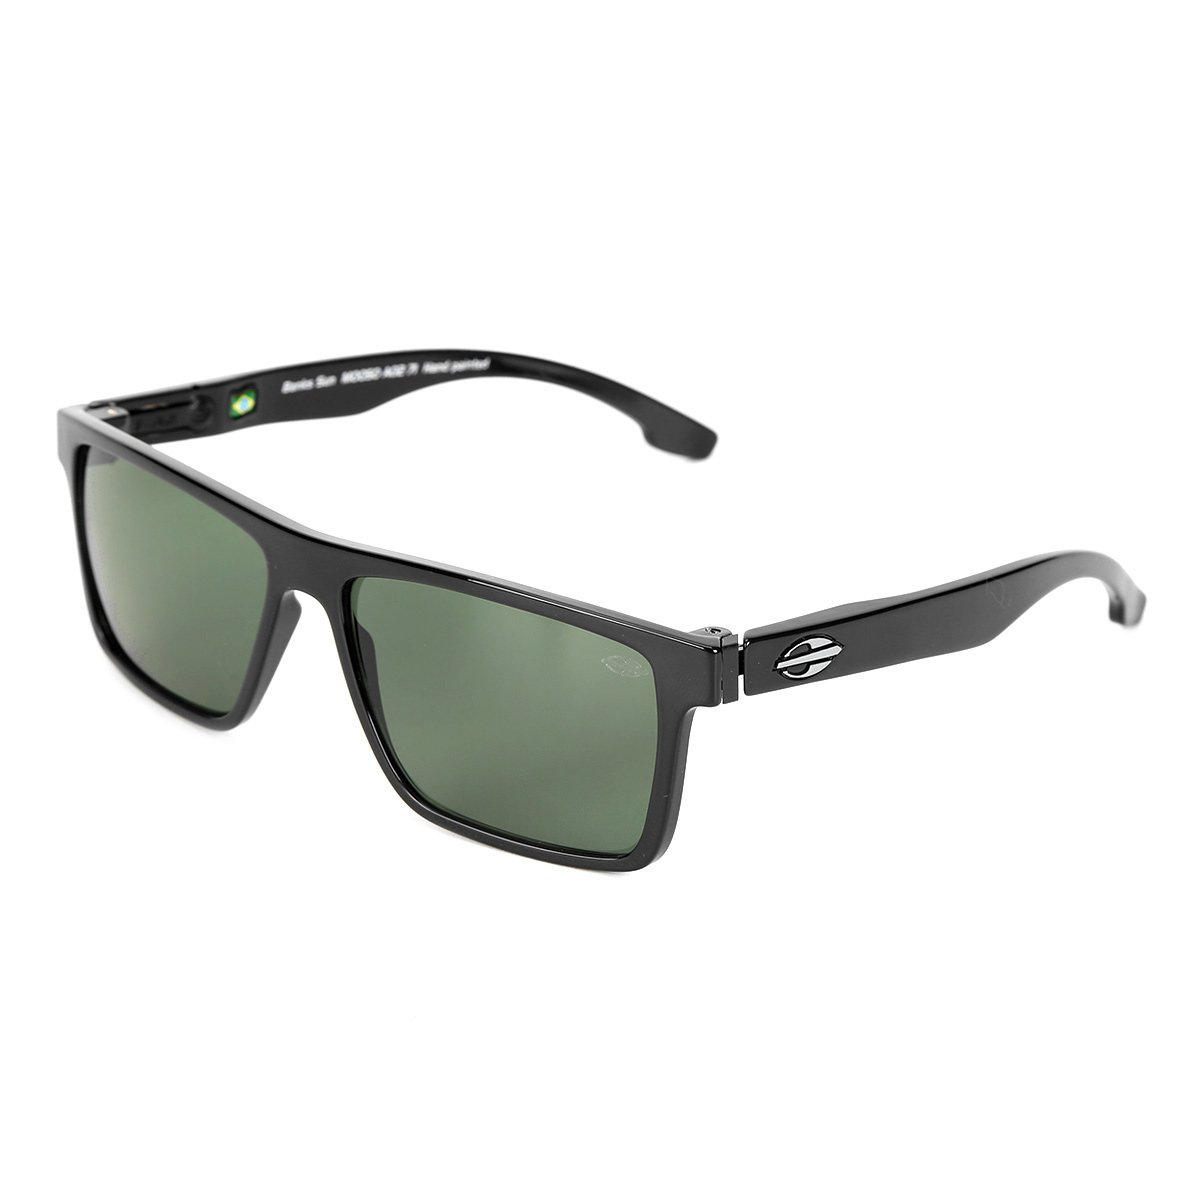 Óculos de Sol Mormaii Banks Básico Masculino - Preto - Compre Agora ... 7342790653